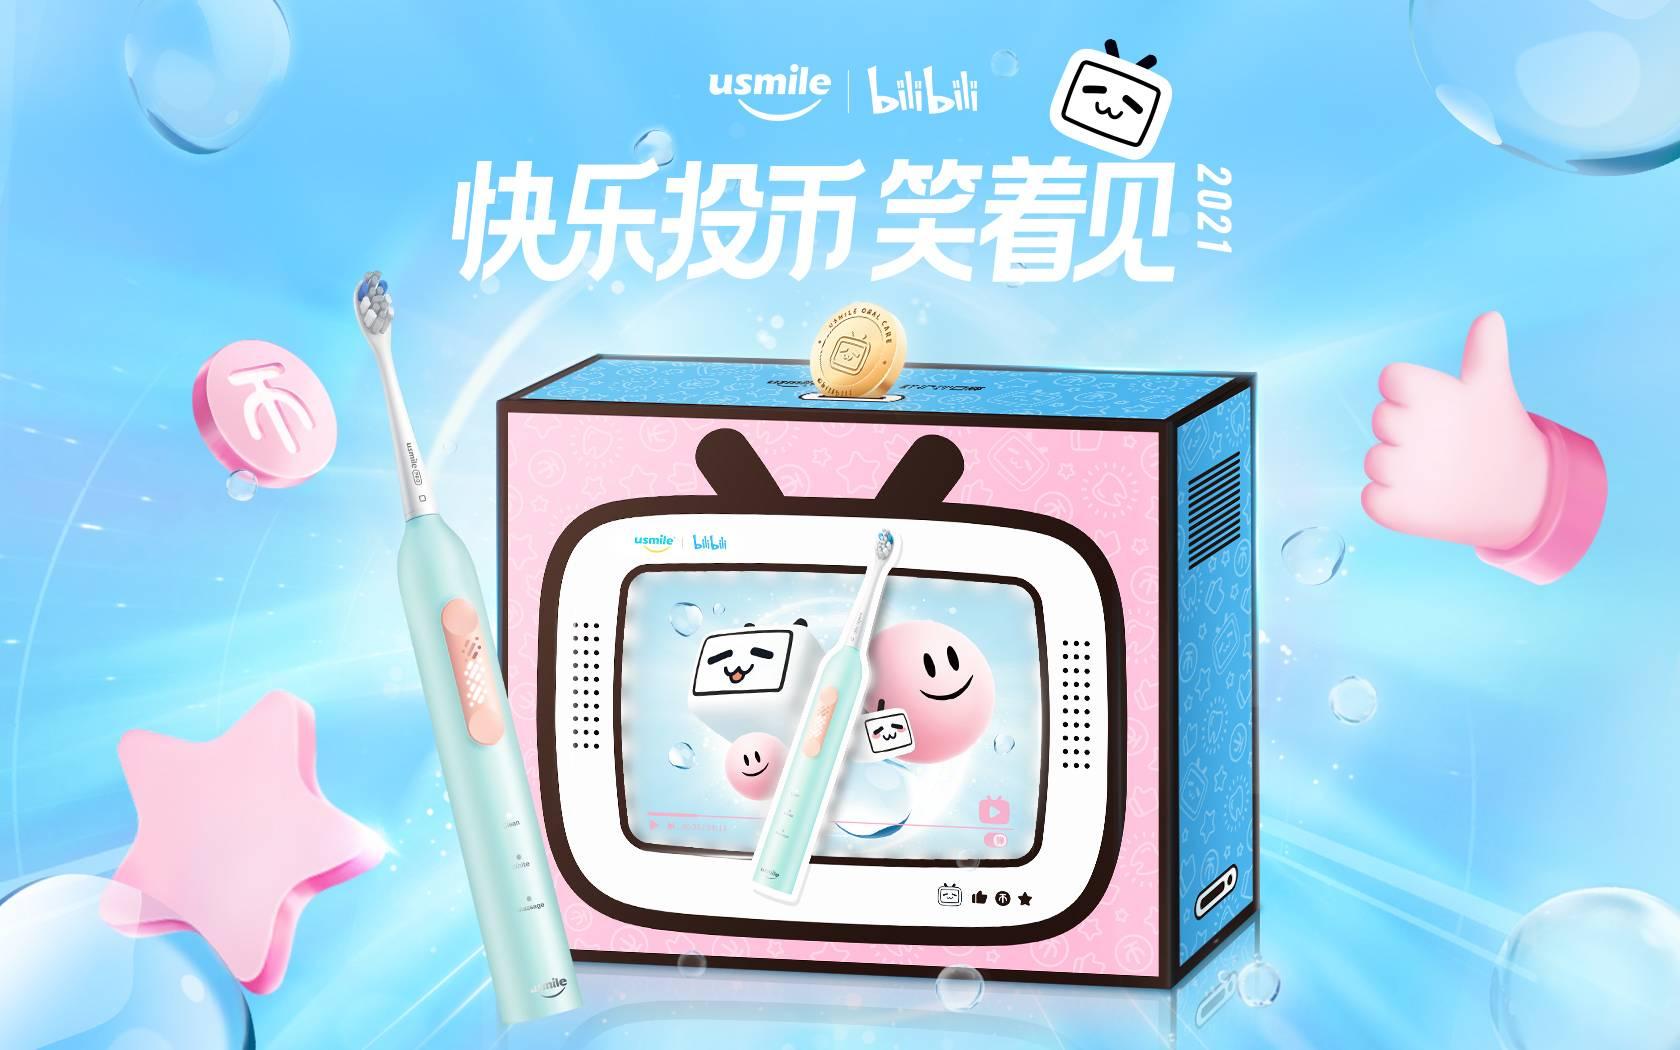 Lolita、JK、汉服,全面口腔护理品牌usmile为什么选择了她们?